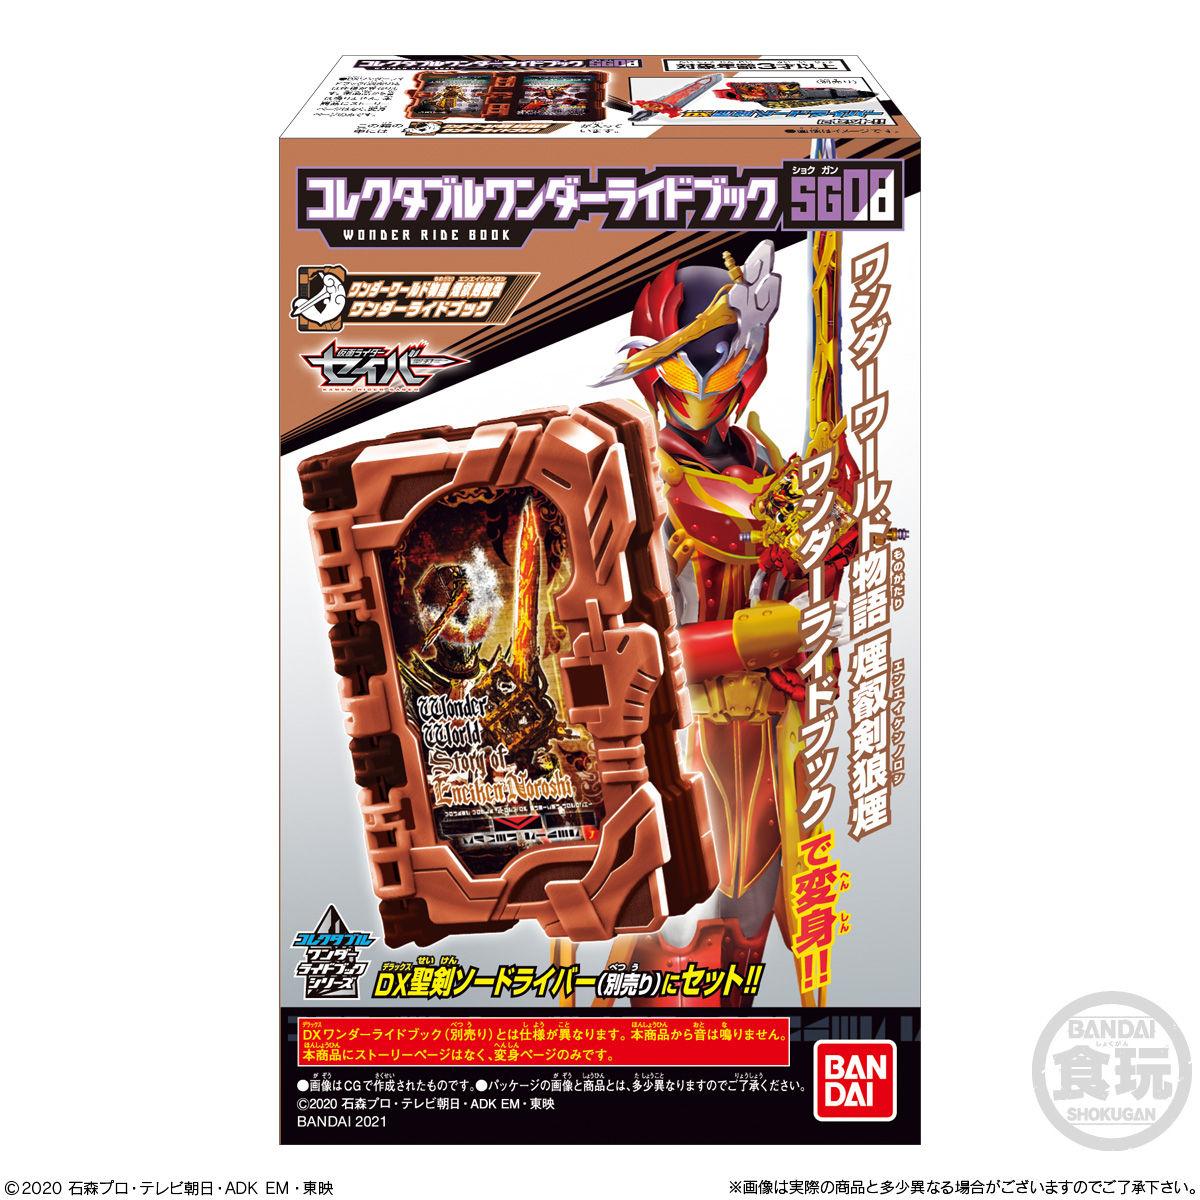 【食玩】仮面ライダーセイバー『コレクタブルワンダーライドブック SG08』8個入りBOX-009